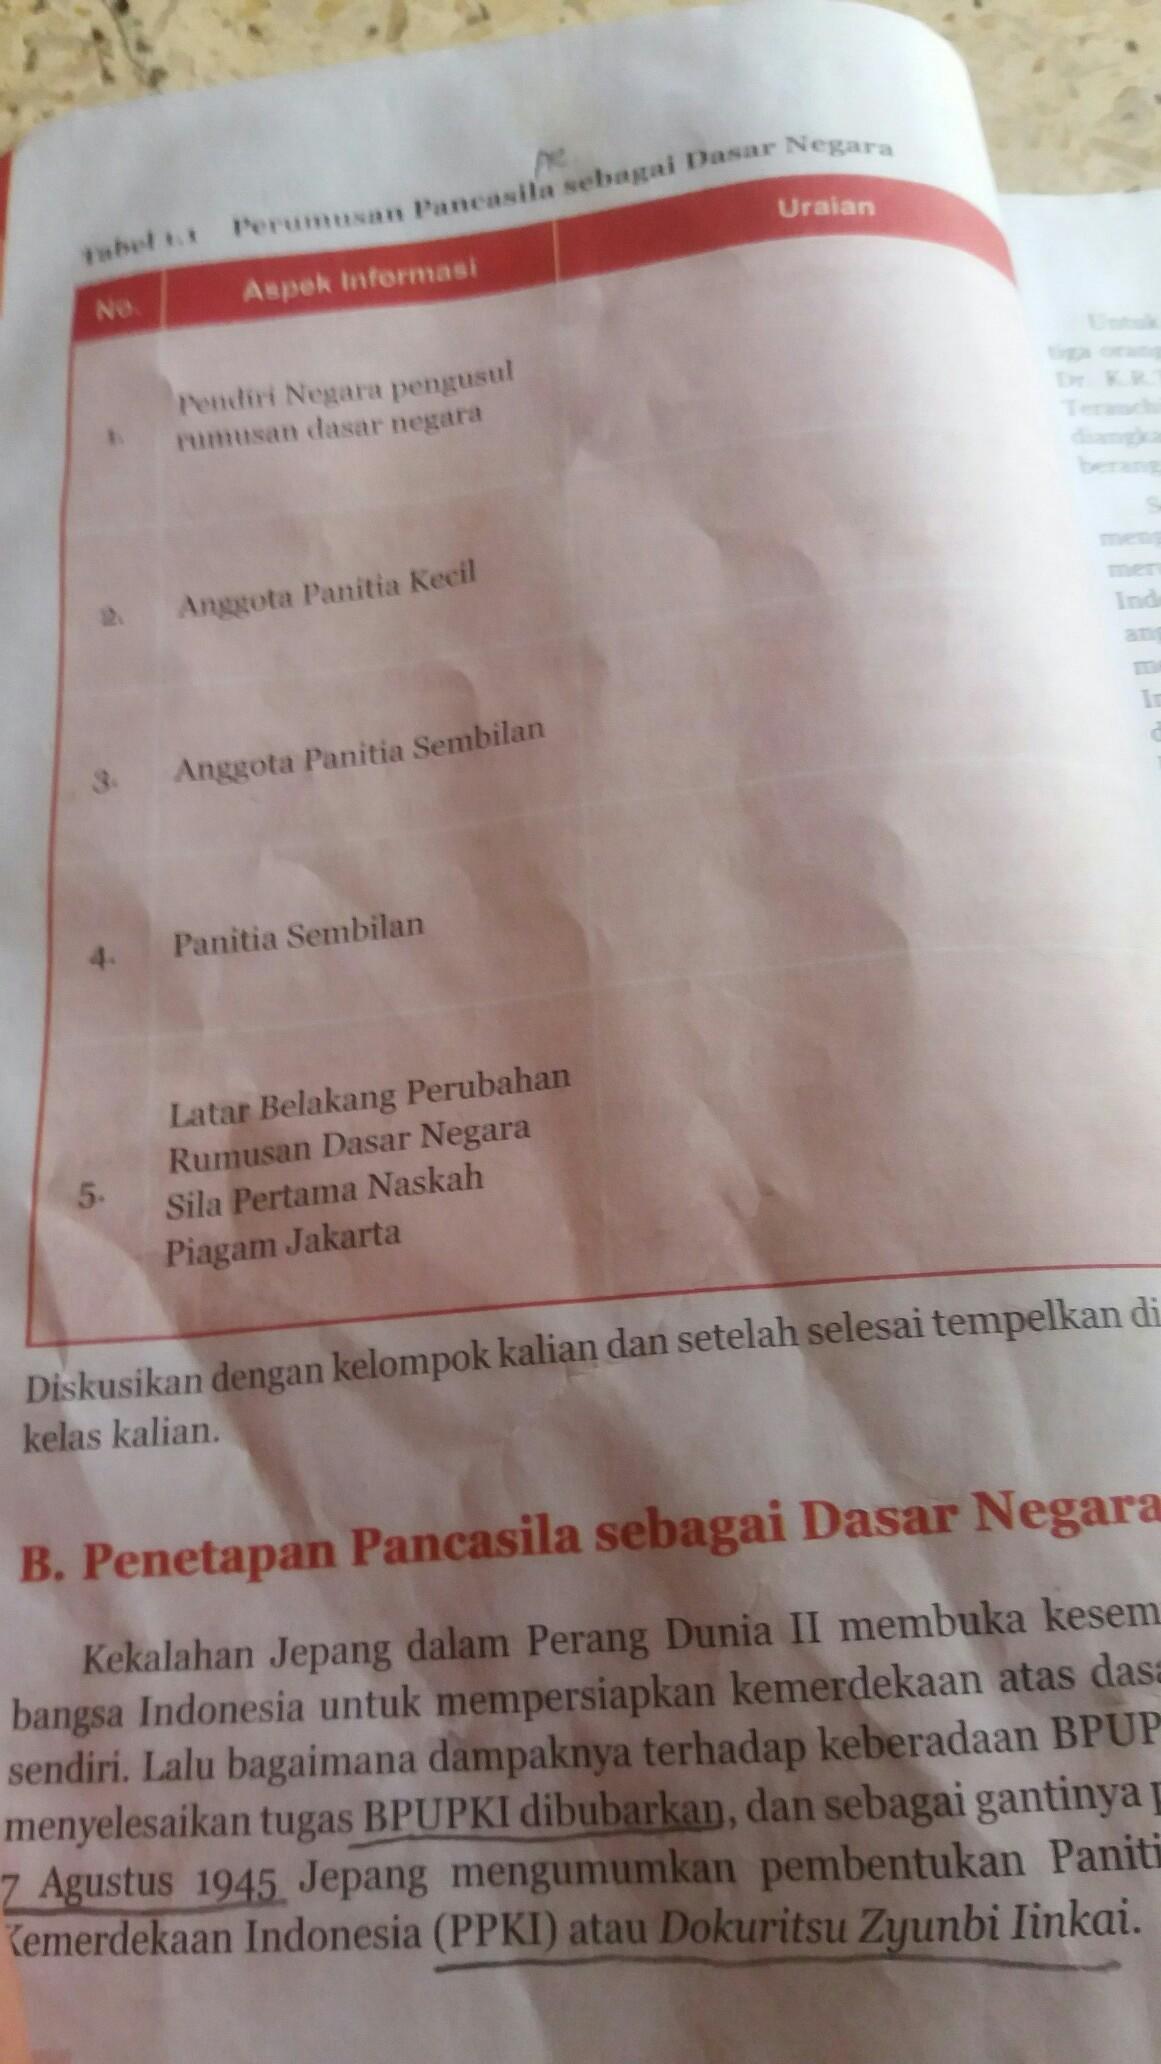 Rumusan Dasar Negara Dalam Naskah Piagam Jakarta ...